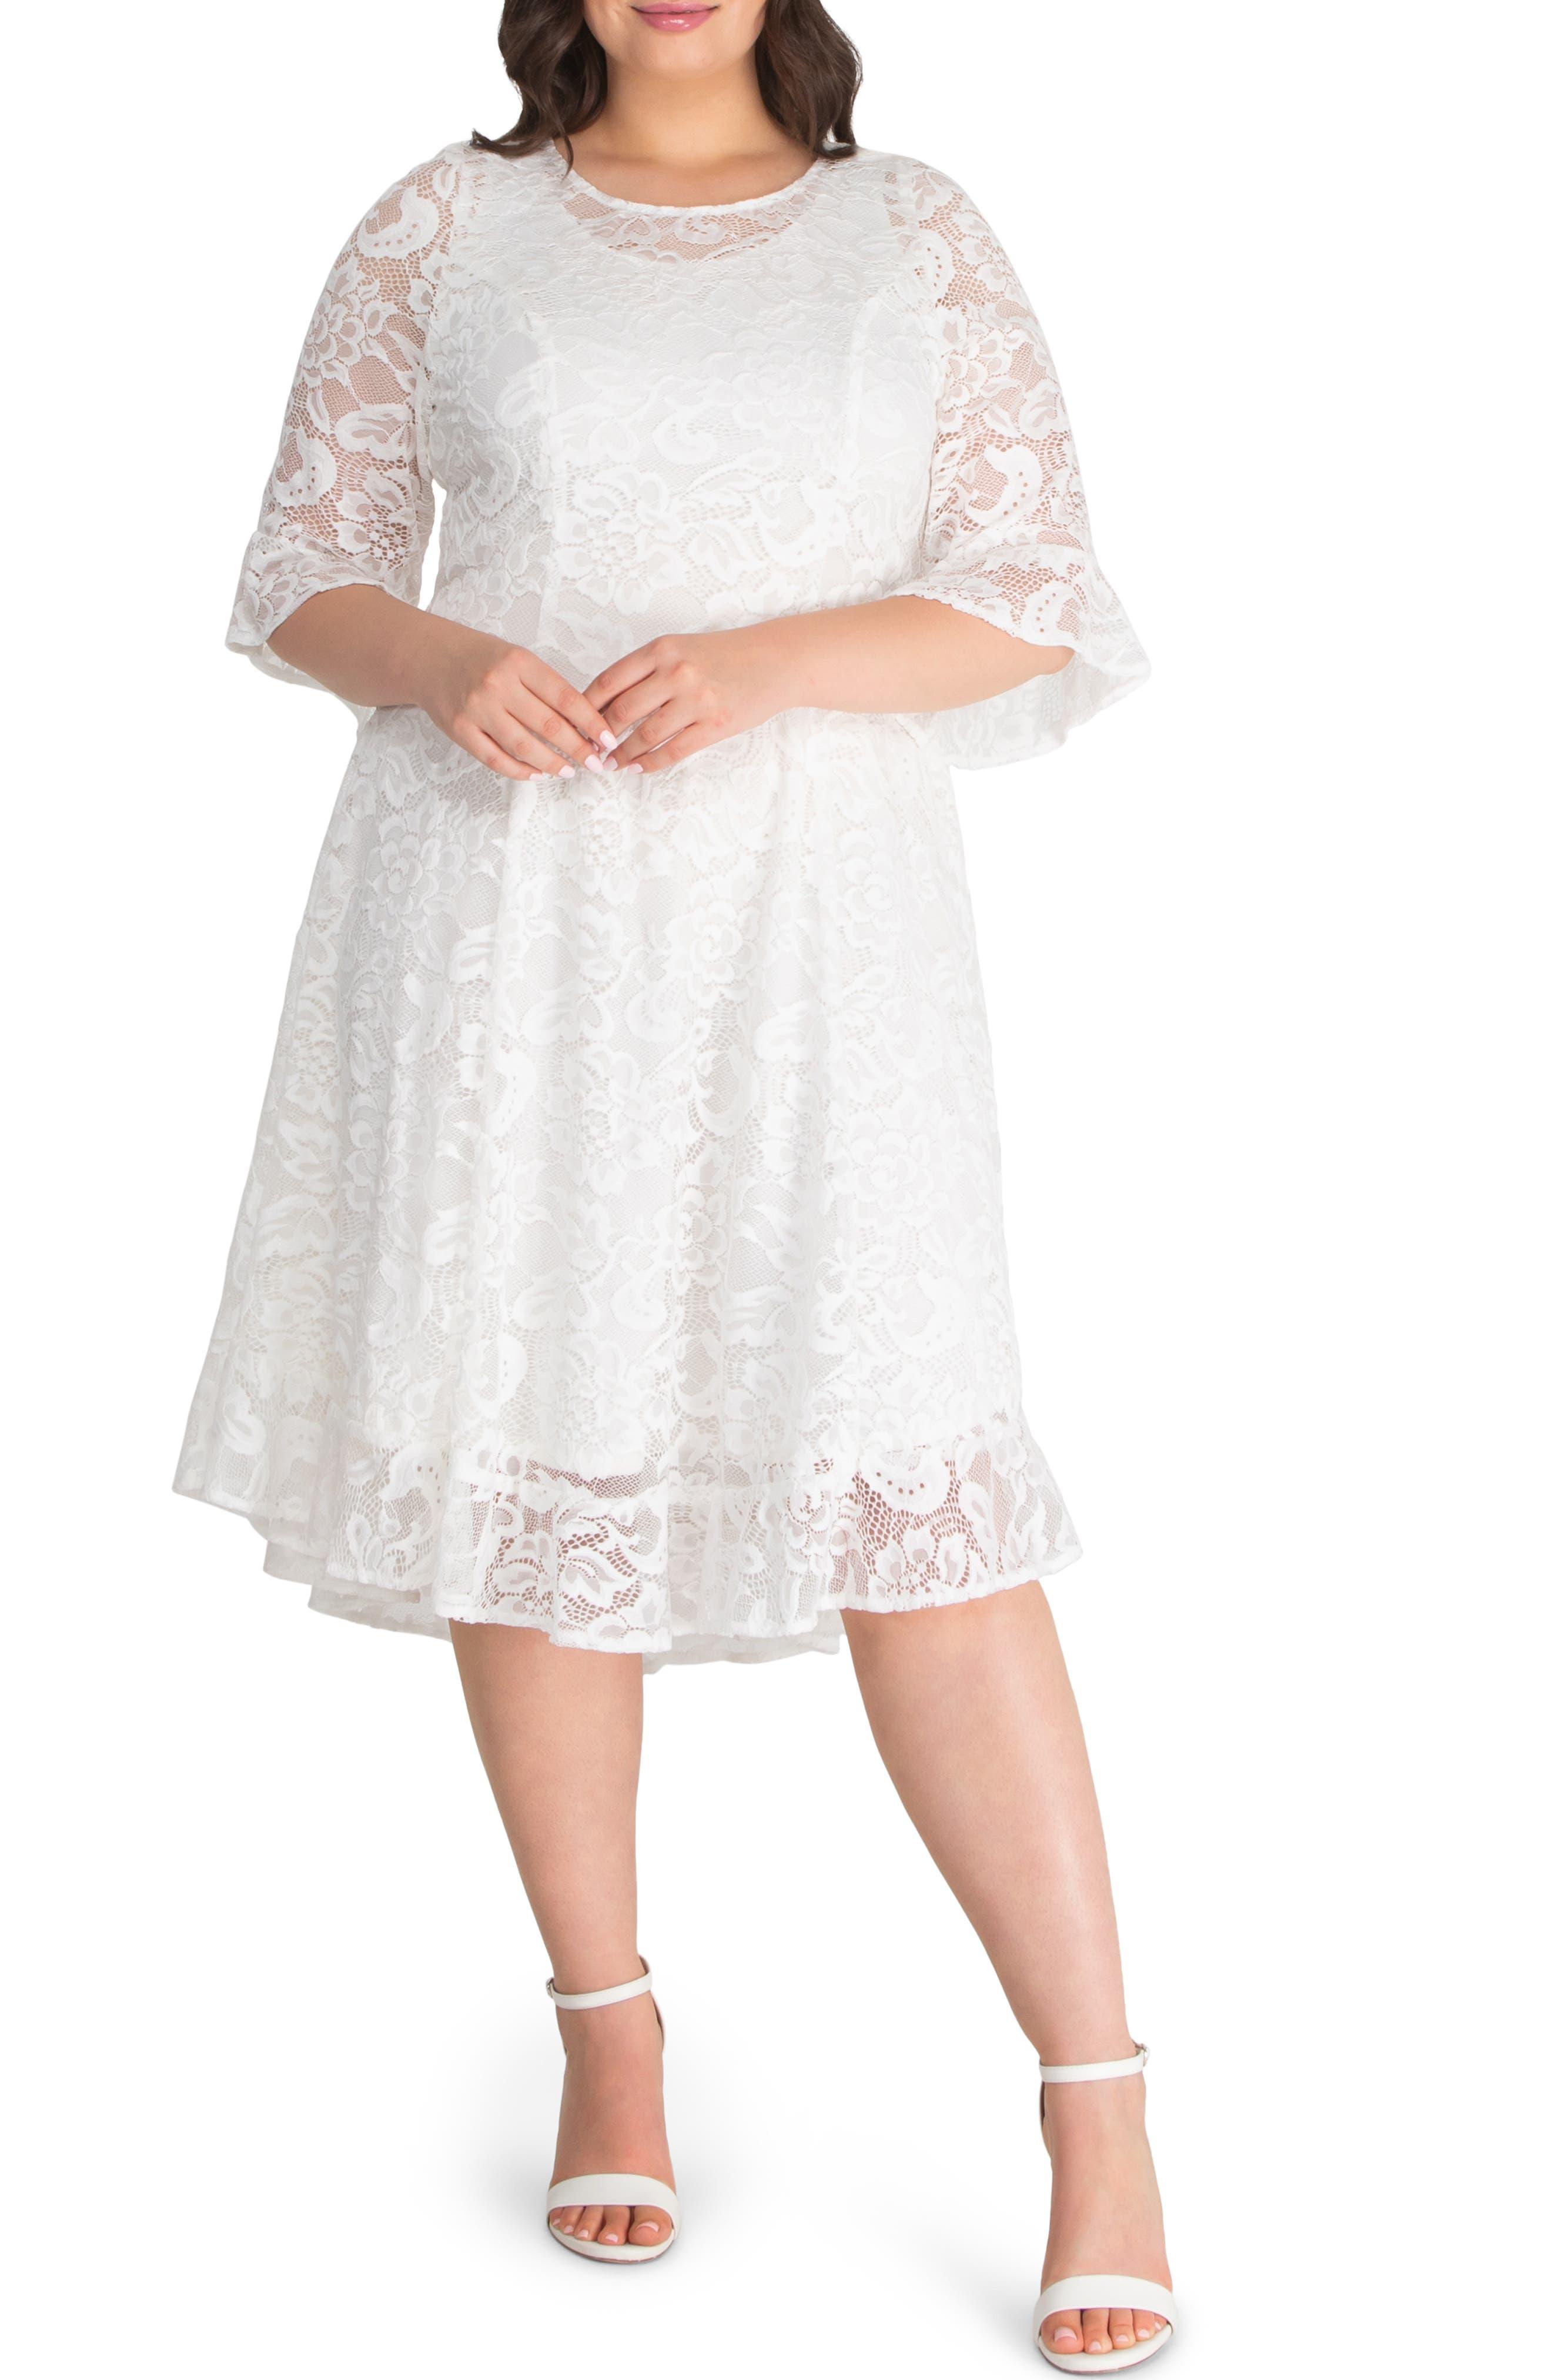 Livi Lace Cocktail Dress